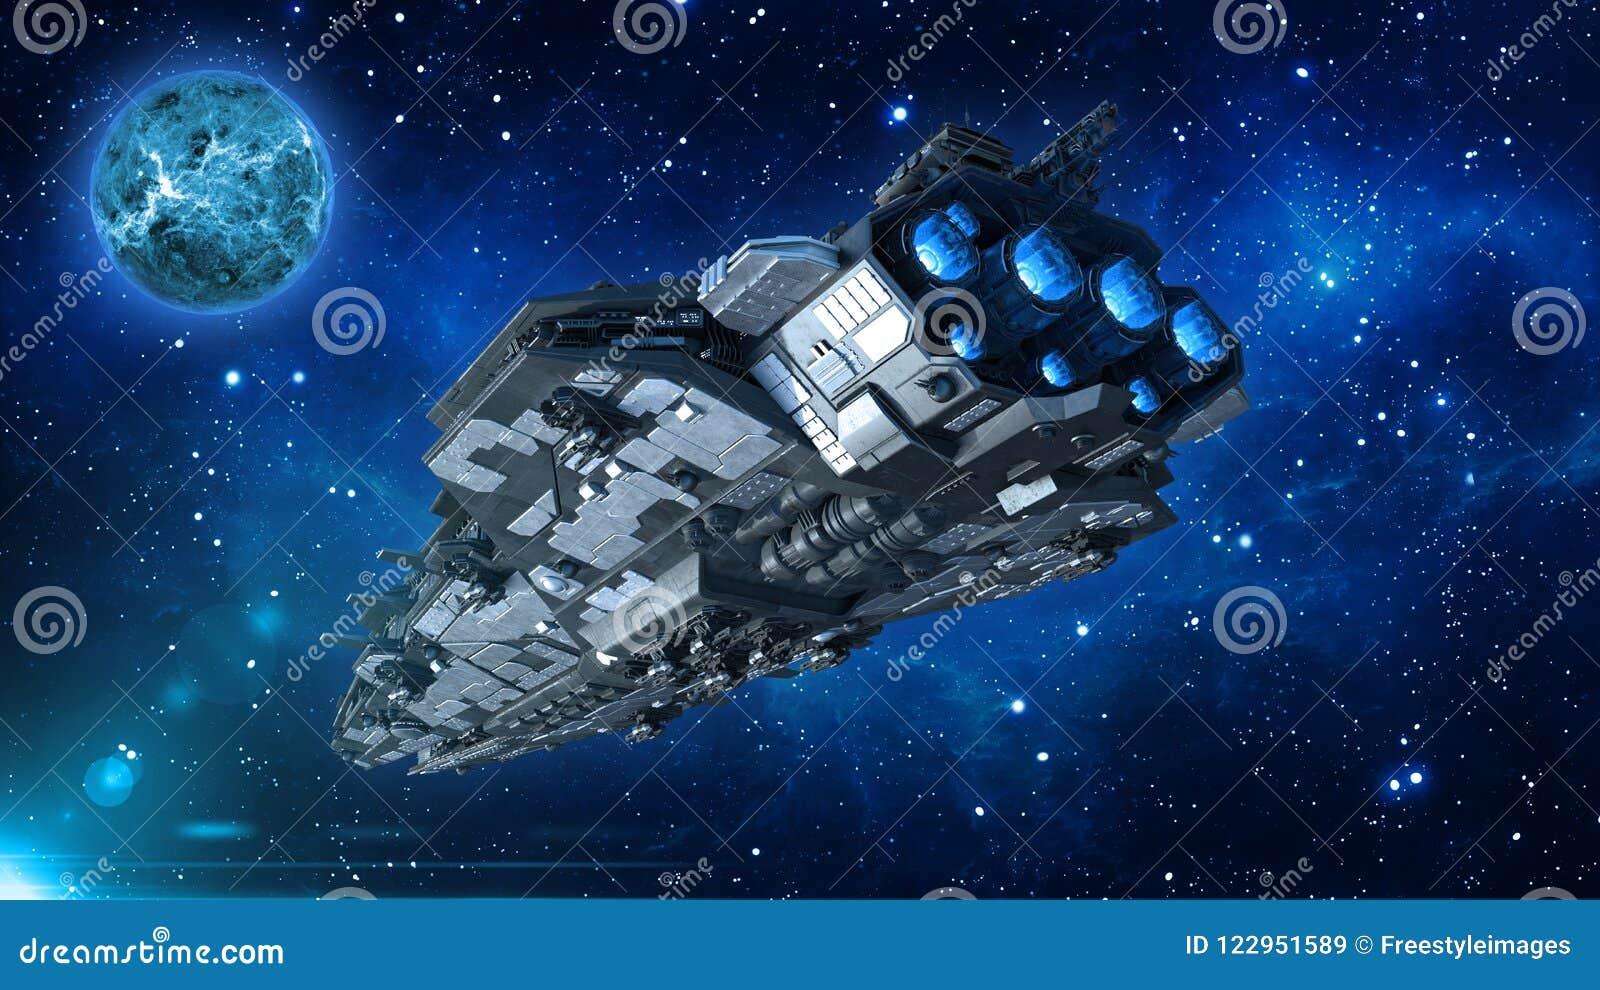 Astronave straniera in universo, volo del veicolo spaziale nello spazio profondo con il pianeta e stelle nei precedenti, vista da